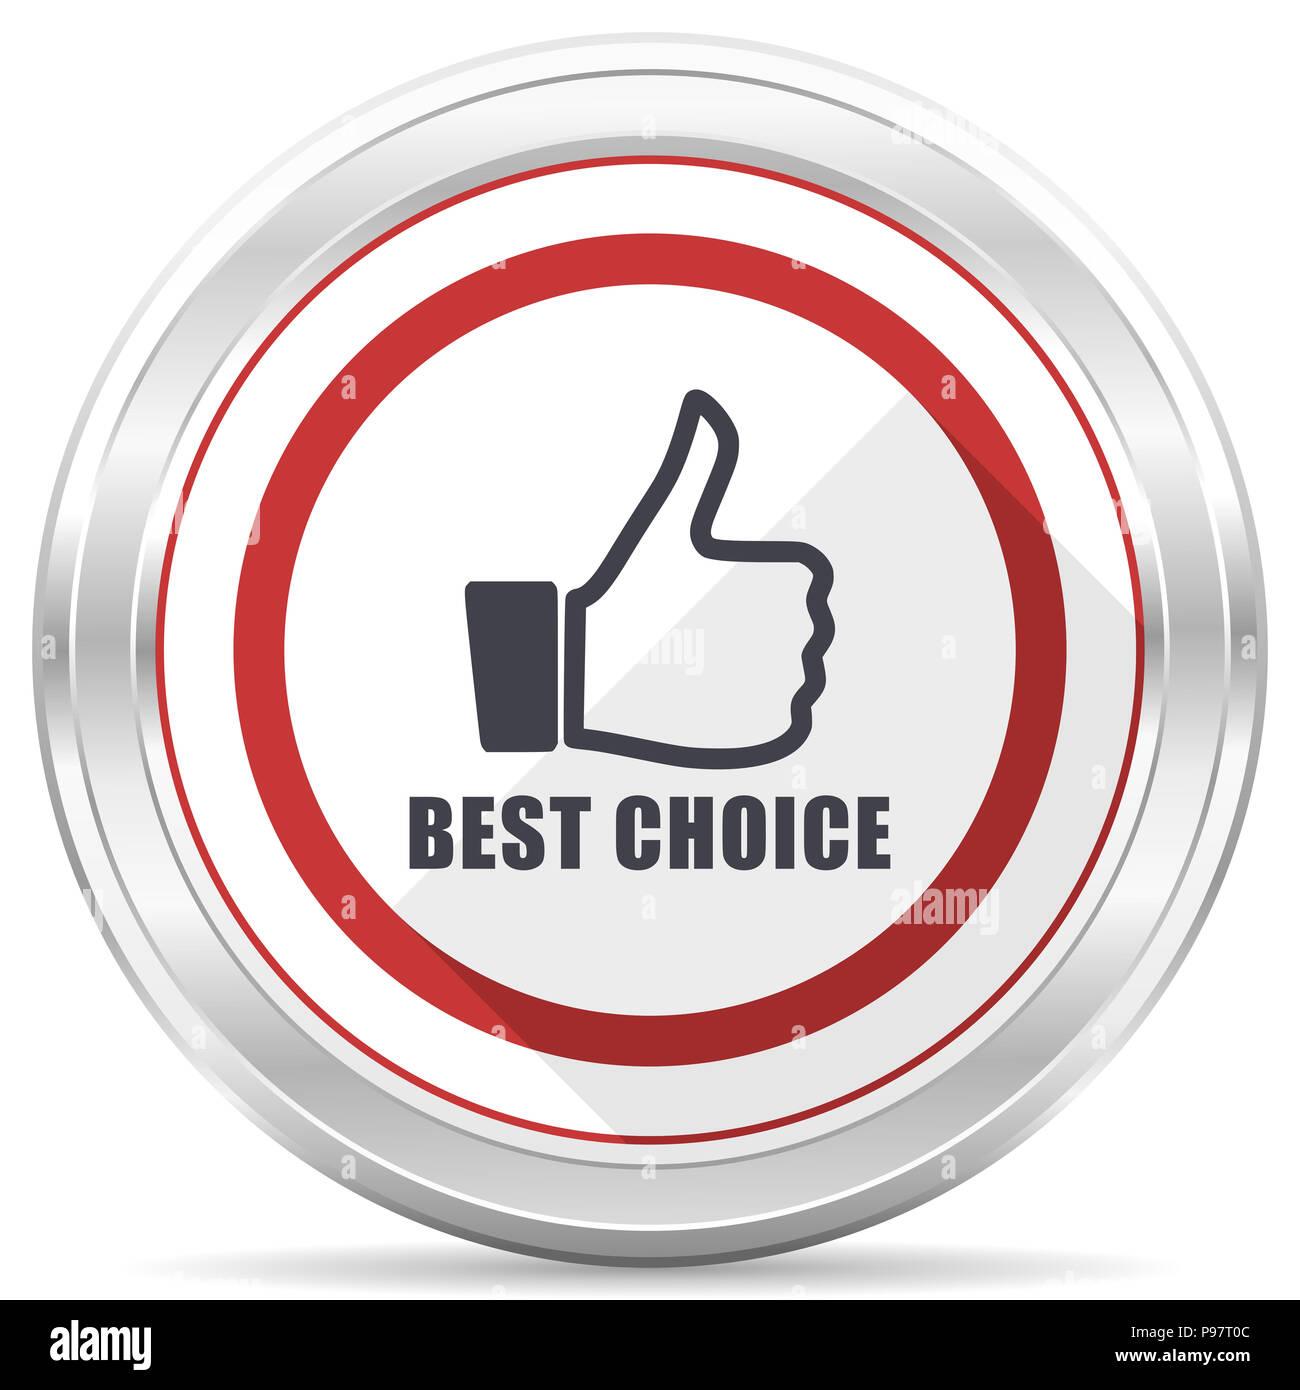 Best choice silver metallic chrome border round web icon on white background e44048ecd